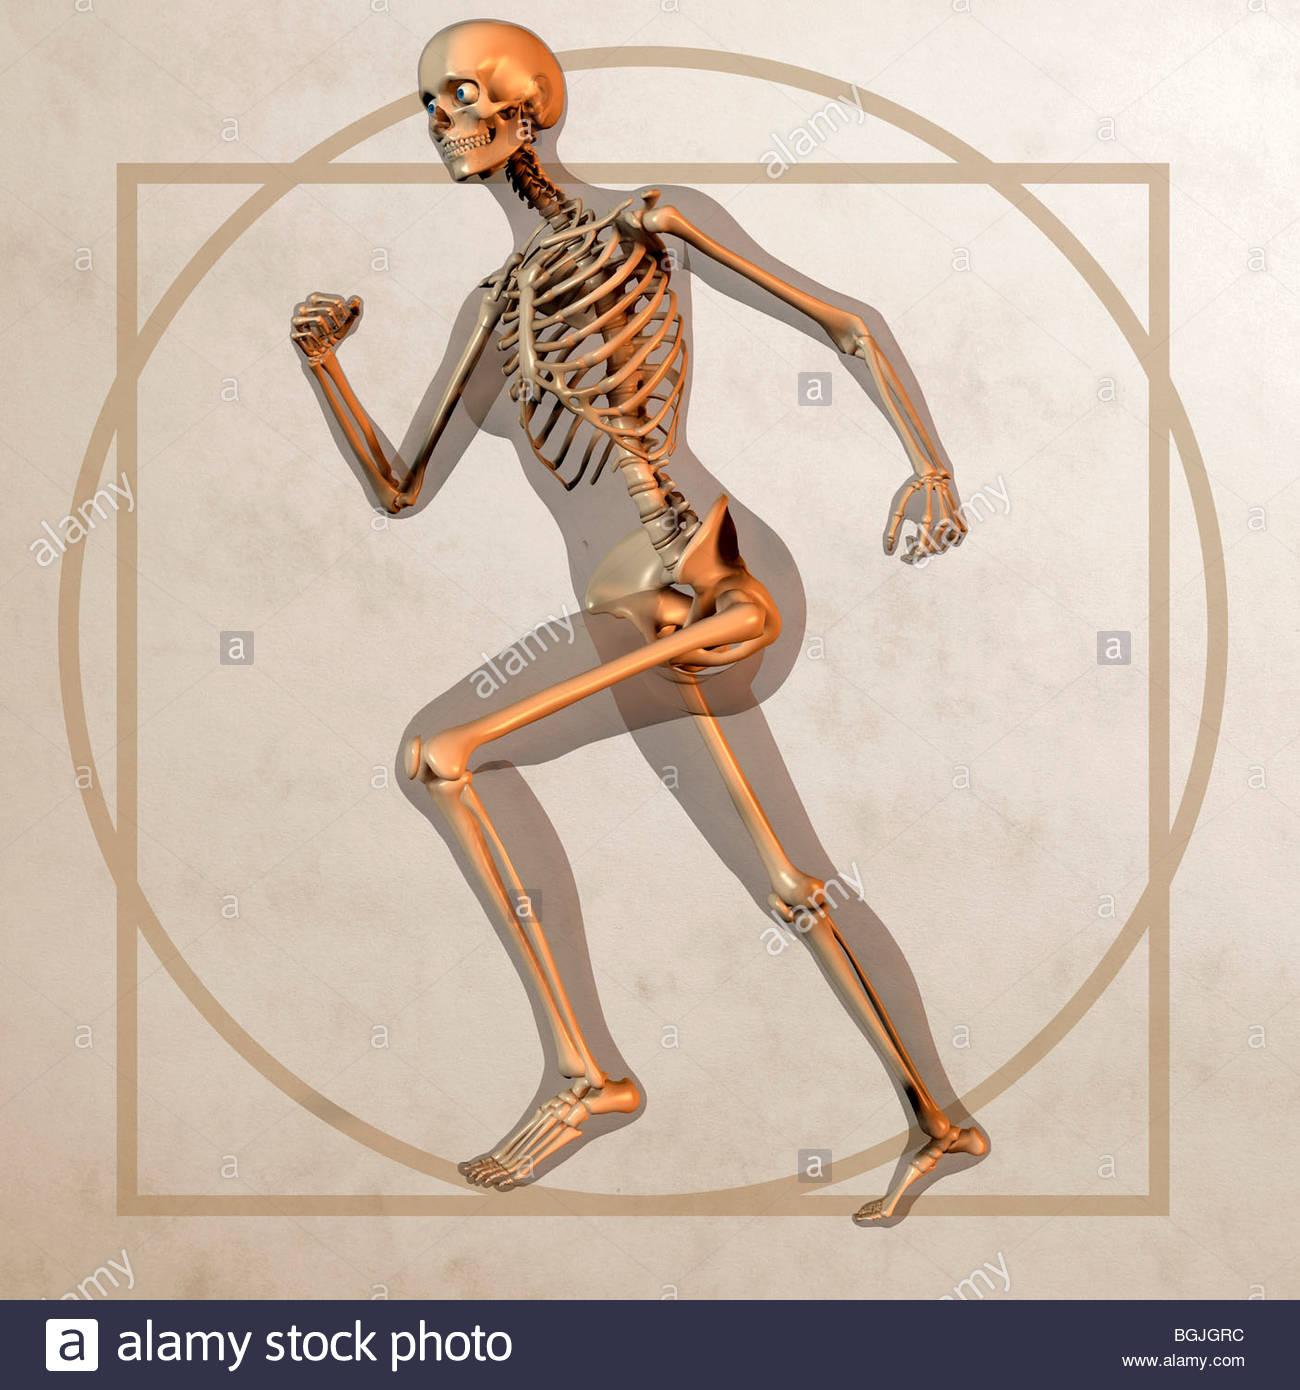 Anatomie-Grafik - männliche Anatomie Modell mit transparenten Hülle ...